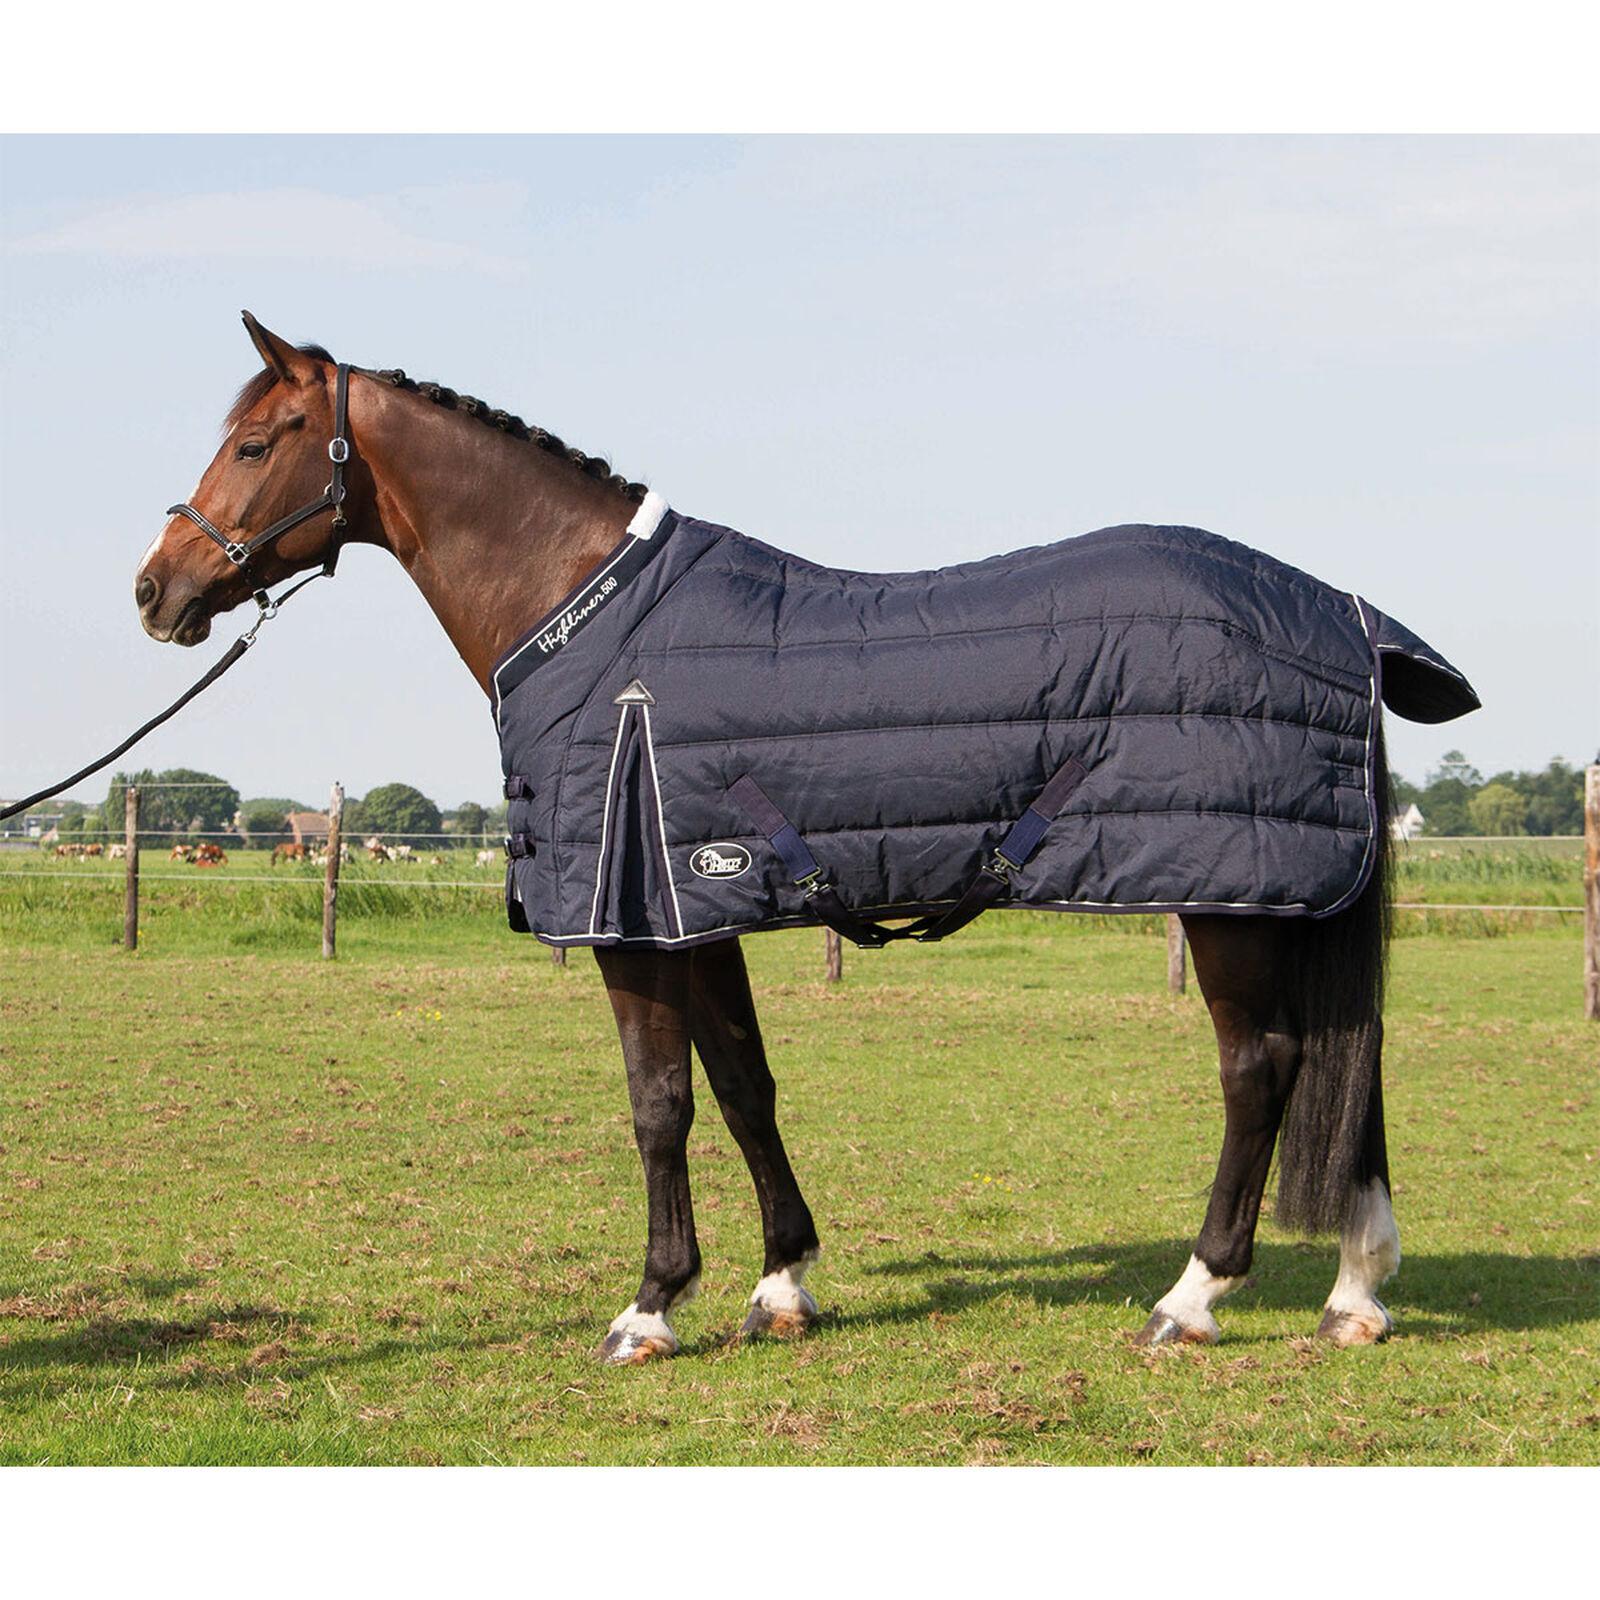 Harry/'s Horse lederhalfter con paspel elegante pistolera robustas cuero